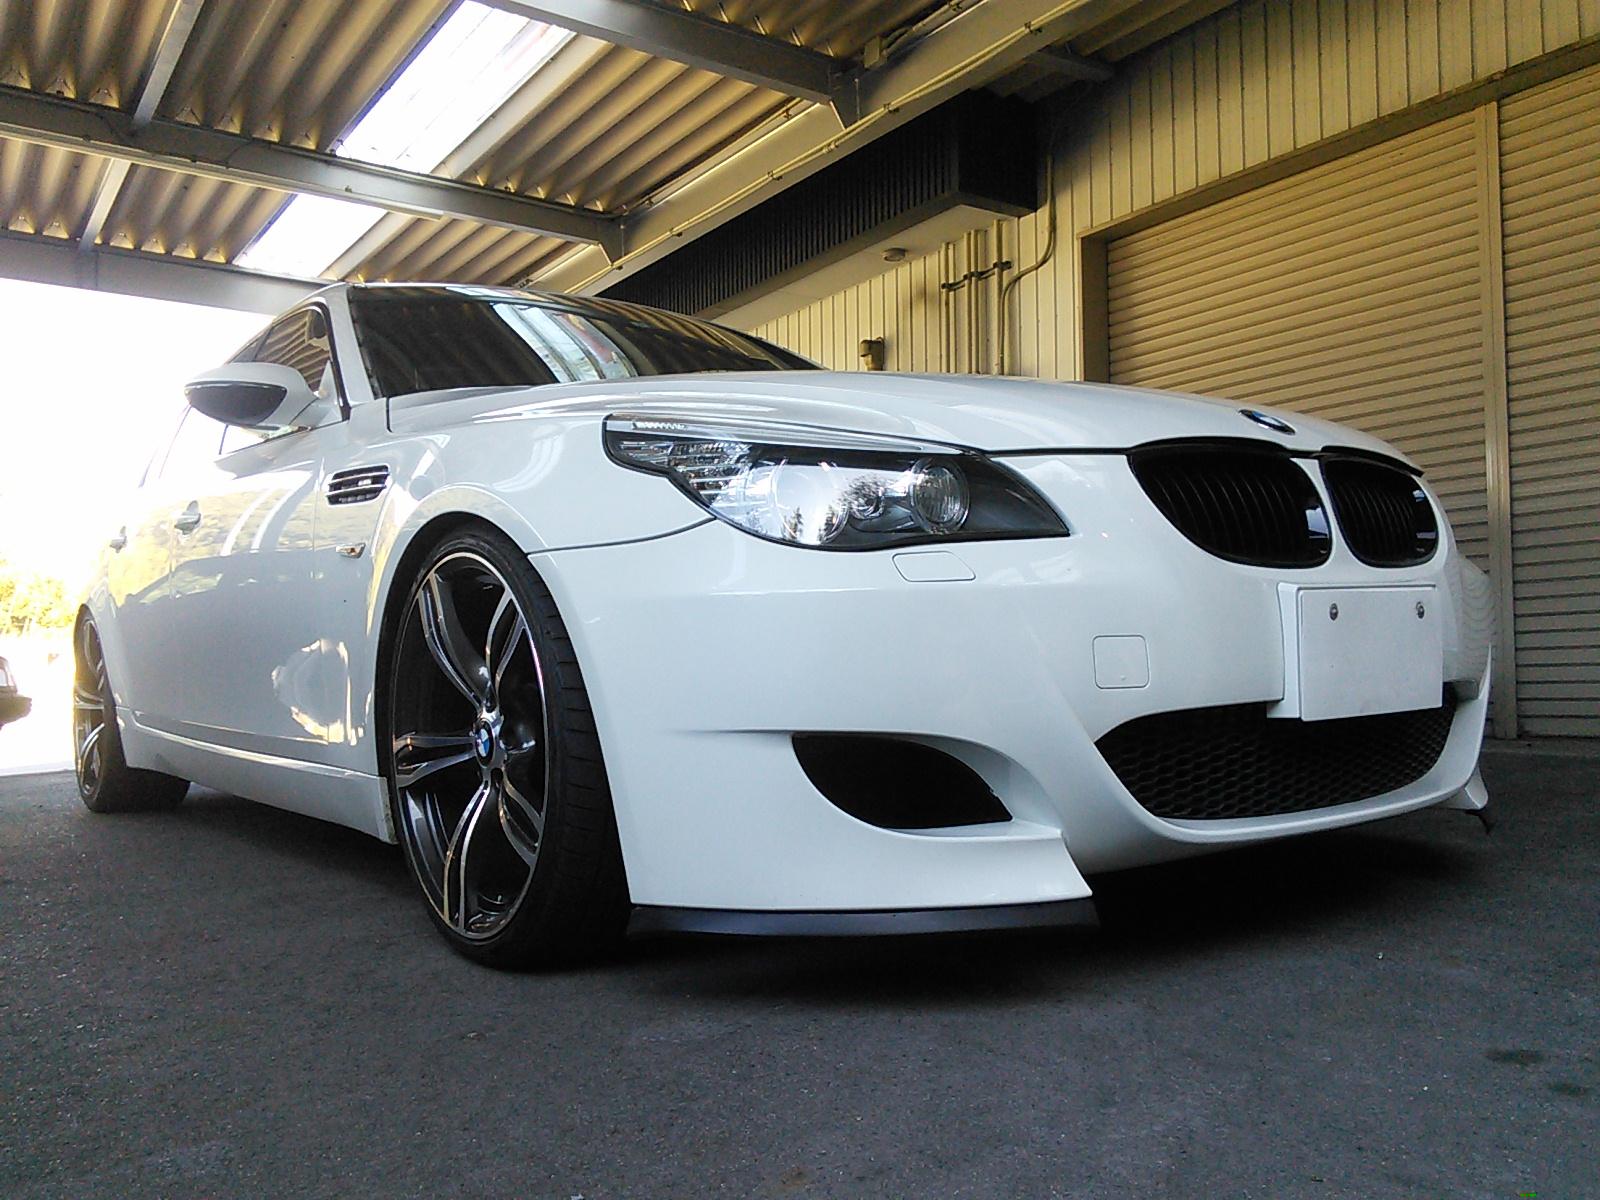 今年も、たくさんの人にお世話になりました。 BMW 5シリーズ ルーフ塗装  豊田市 板金塗装